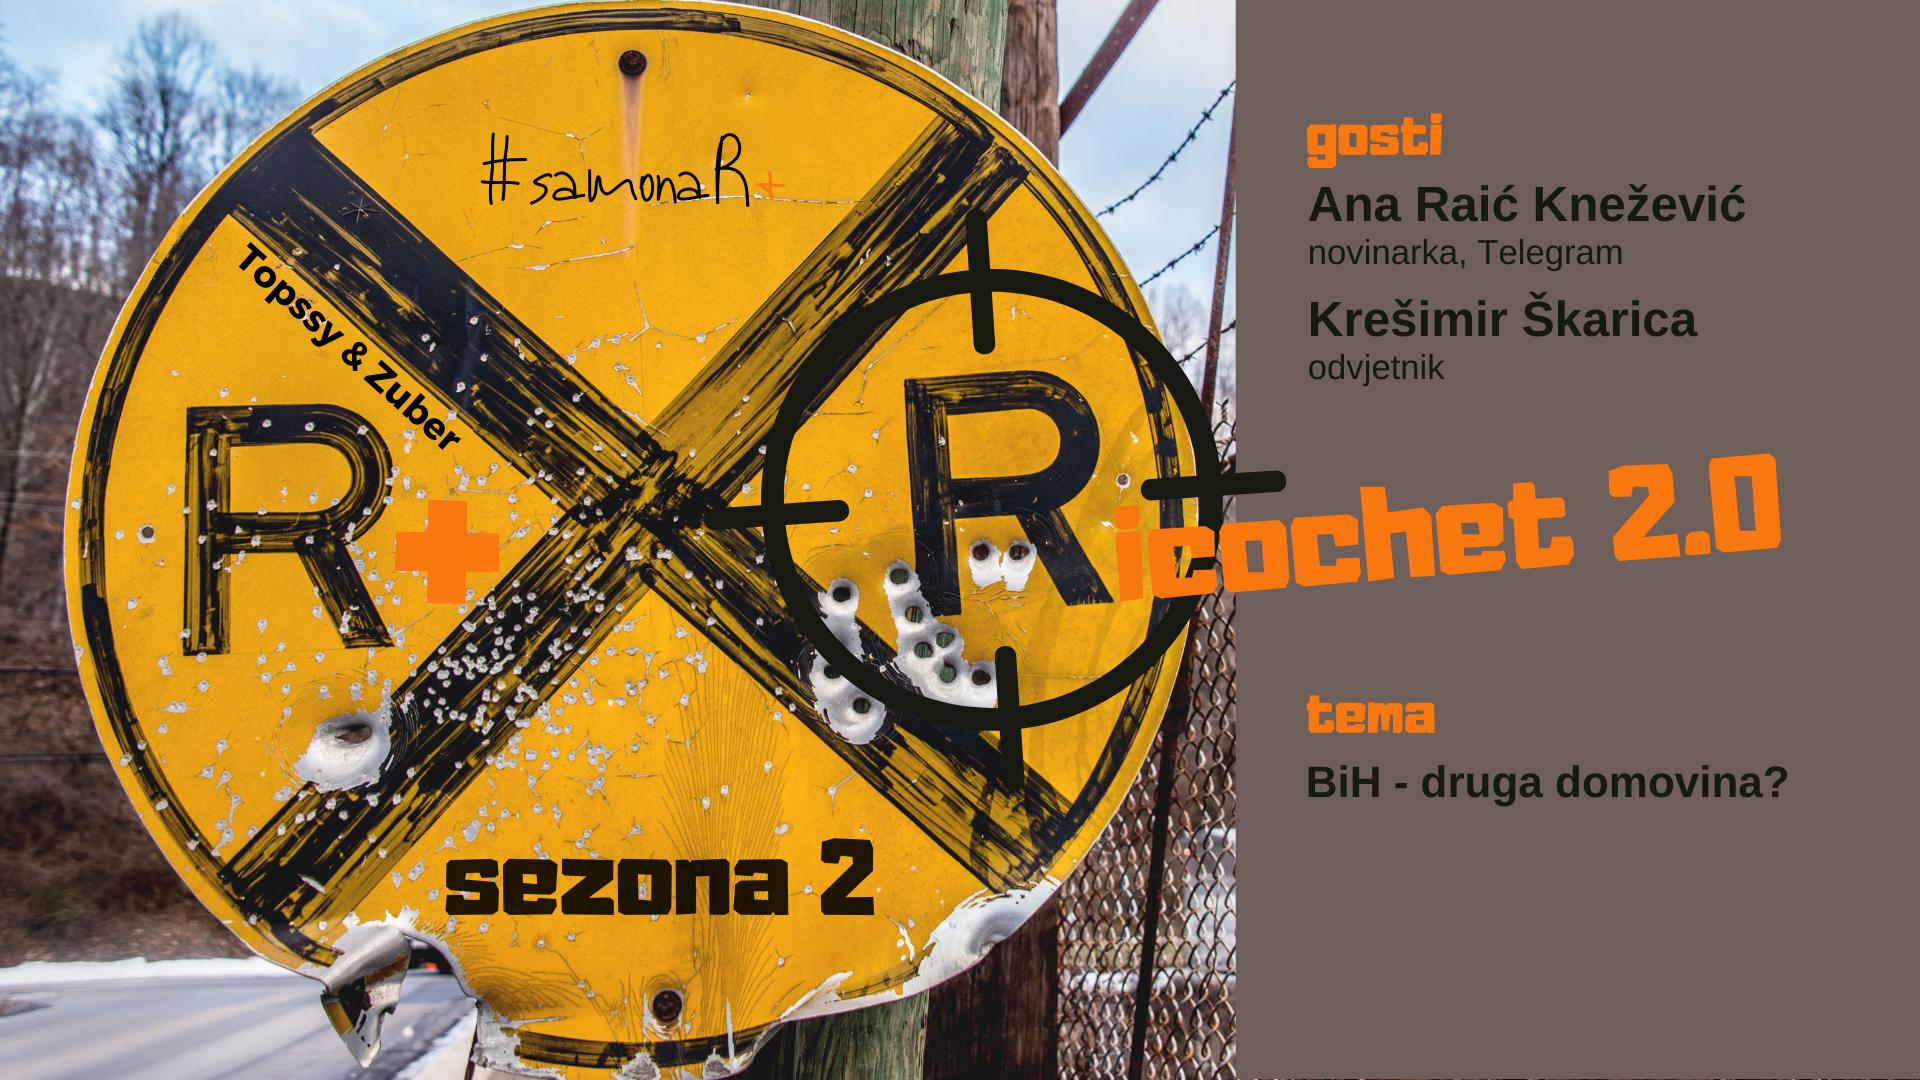 R+: Ricochet 2.0 | BiH - druga domovina?